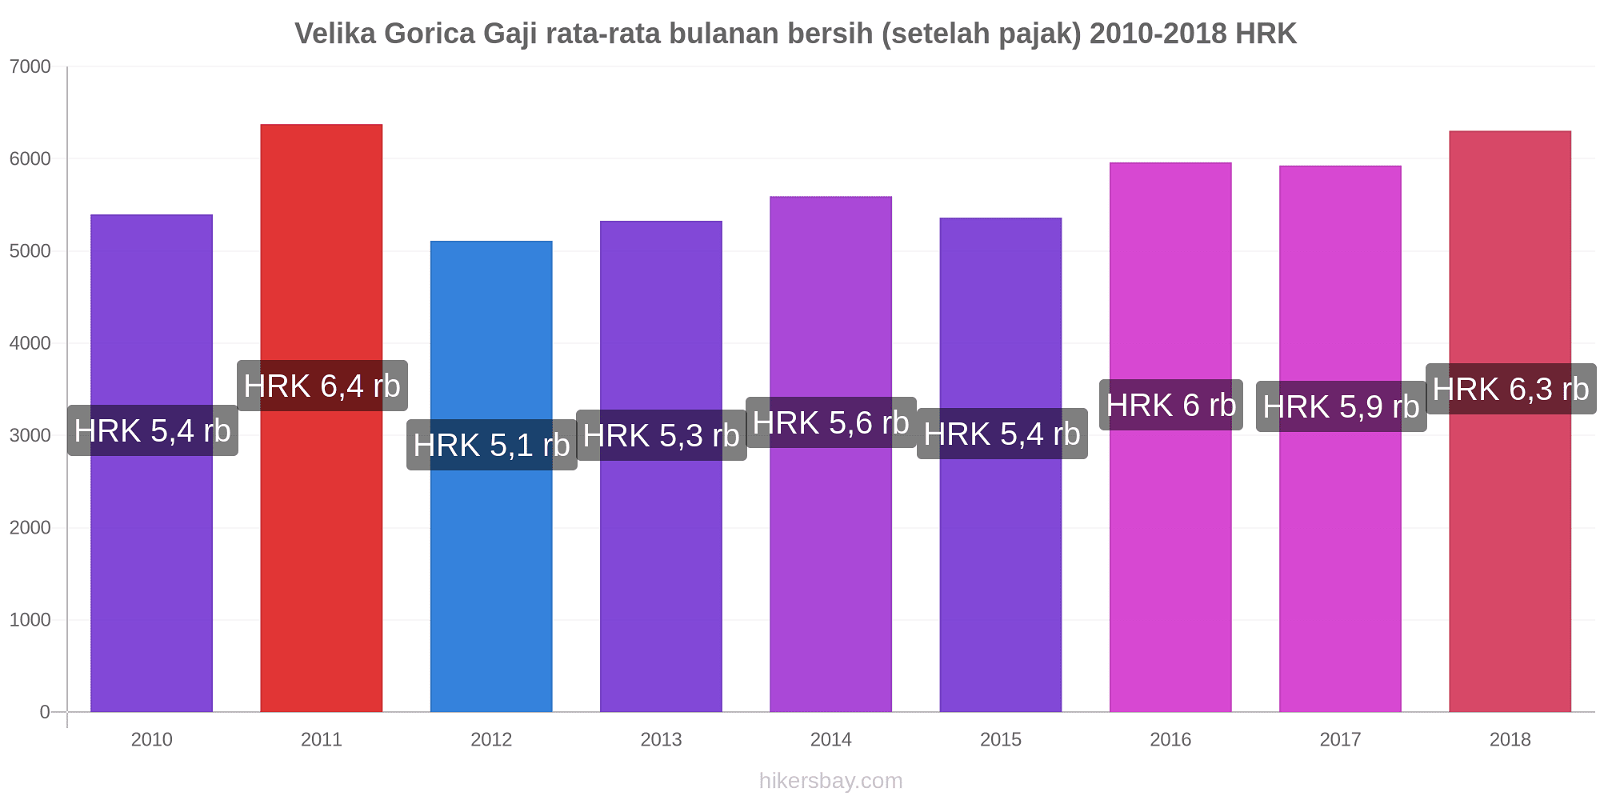 Velika Gorica perubahan harga Gaji rata-rata bulanan bersih (setelah pajak) hikersbay.com